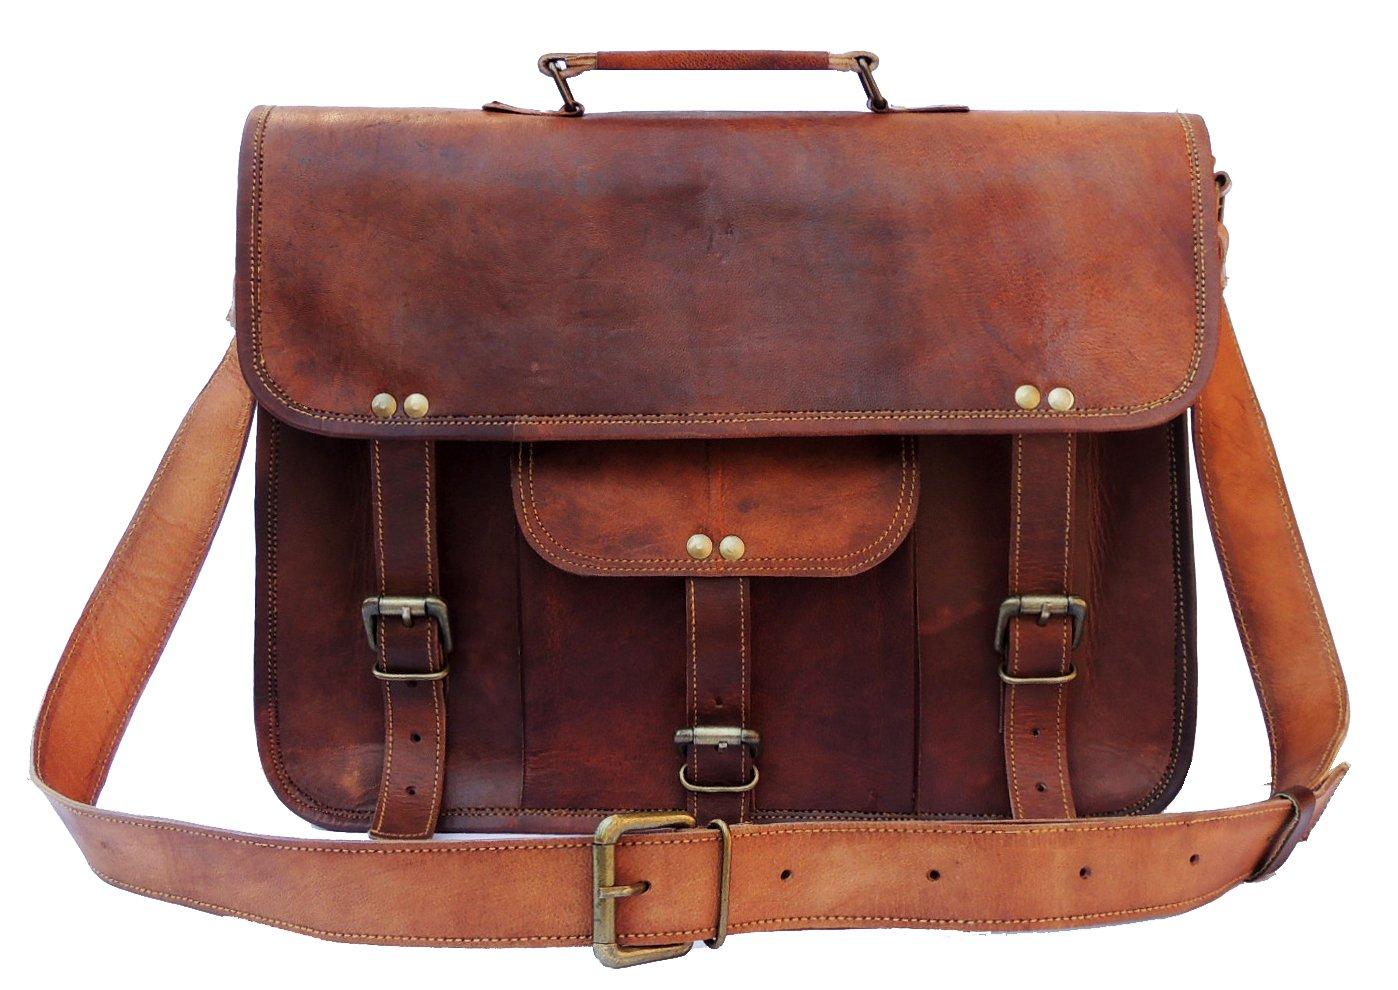 Leather Laptop Briefcase Bag Messenger 15 Inch Cross Body Shoulder Vintage Style Bag for Women & Men, Brown